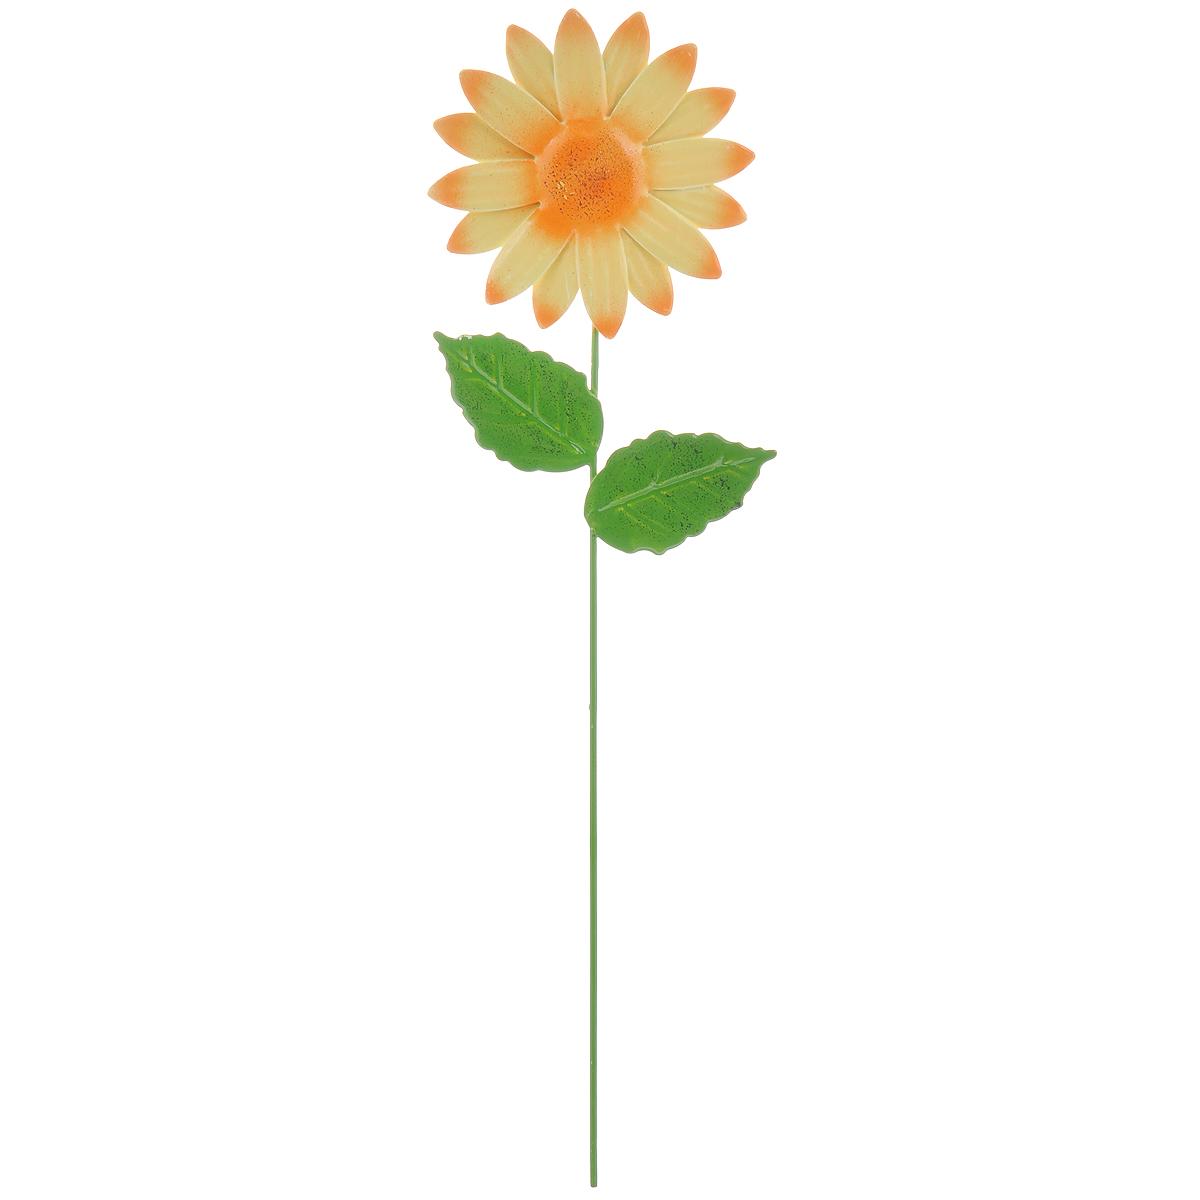 Украшение на ножке Village People Астры, цвет: желтый, высота 28,5 смGBS-8-90Украшение на ножке Village People Астры предназначено для декорирования садового участка, грядок, клумб, цветочных кашпо, а также для поддержки и правильного роста растений. Изделие в ярком симпатичном дизайне выполнено из прочного и надежного металла, легко устанавливается в землю. Оно украсит ваш сад и добавит ярких красок.